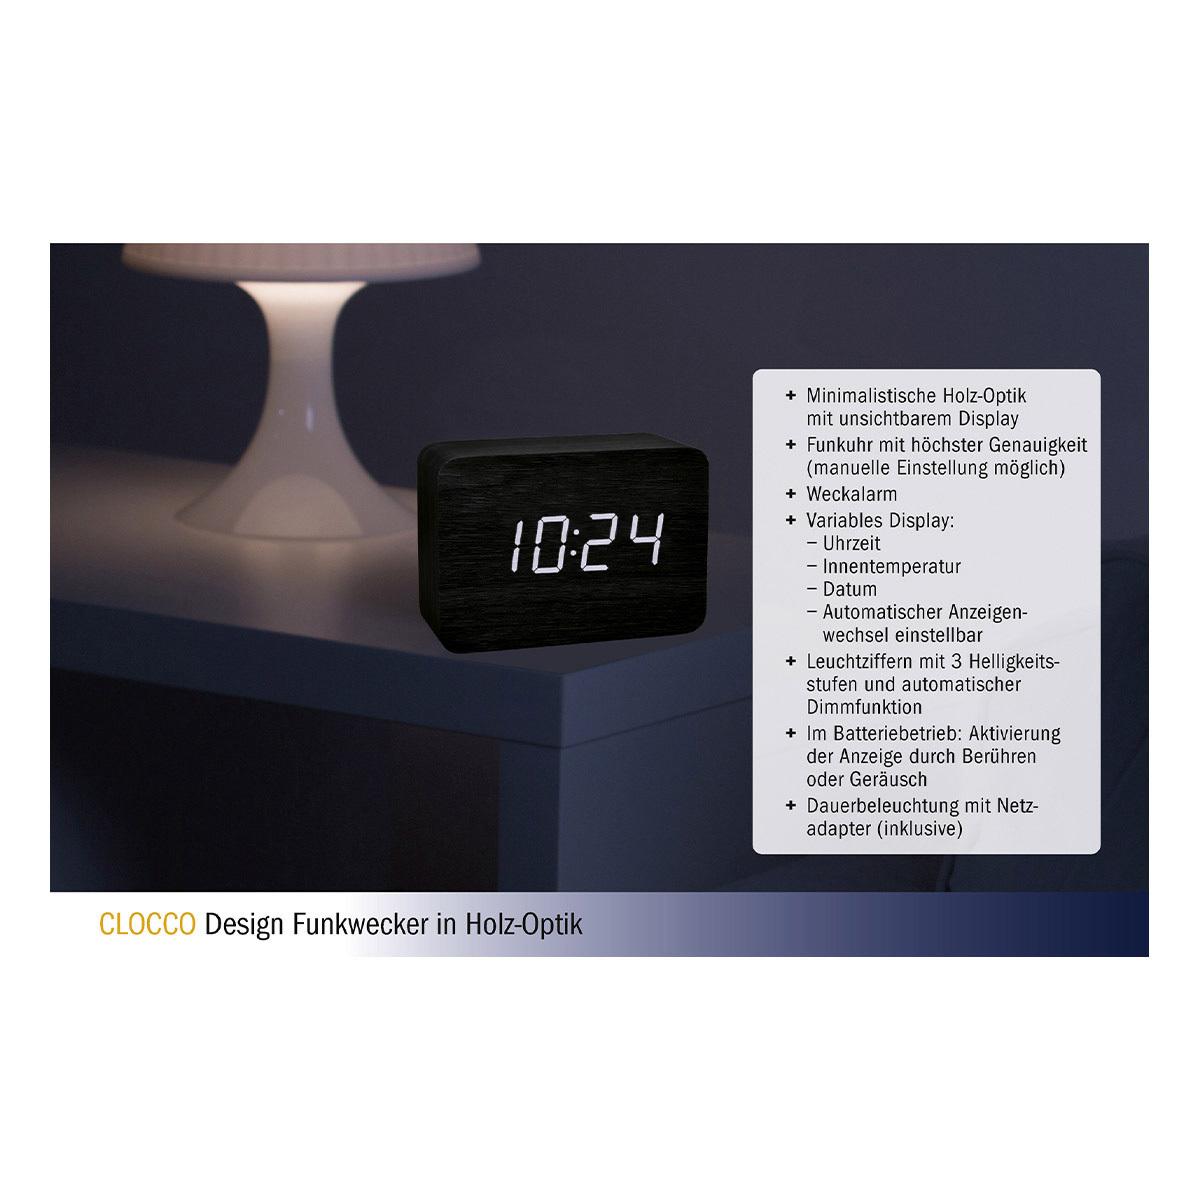 60-2549-01-design-funk-wecker-holz-optik-clocco-vorteile-1200x1200px.jpg